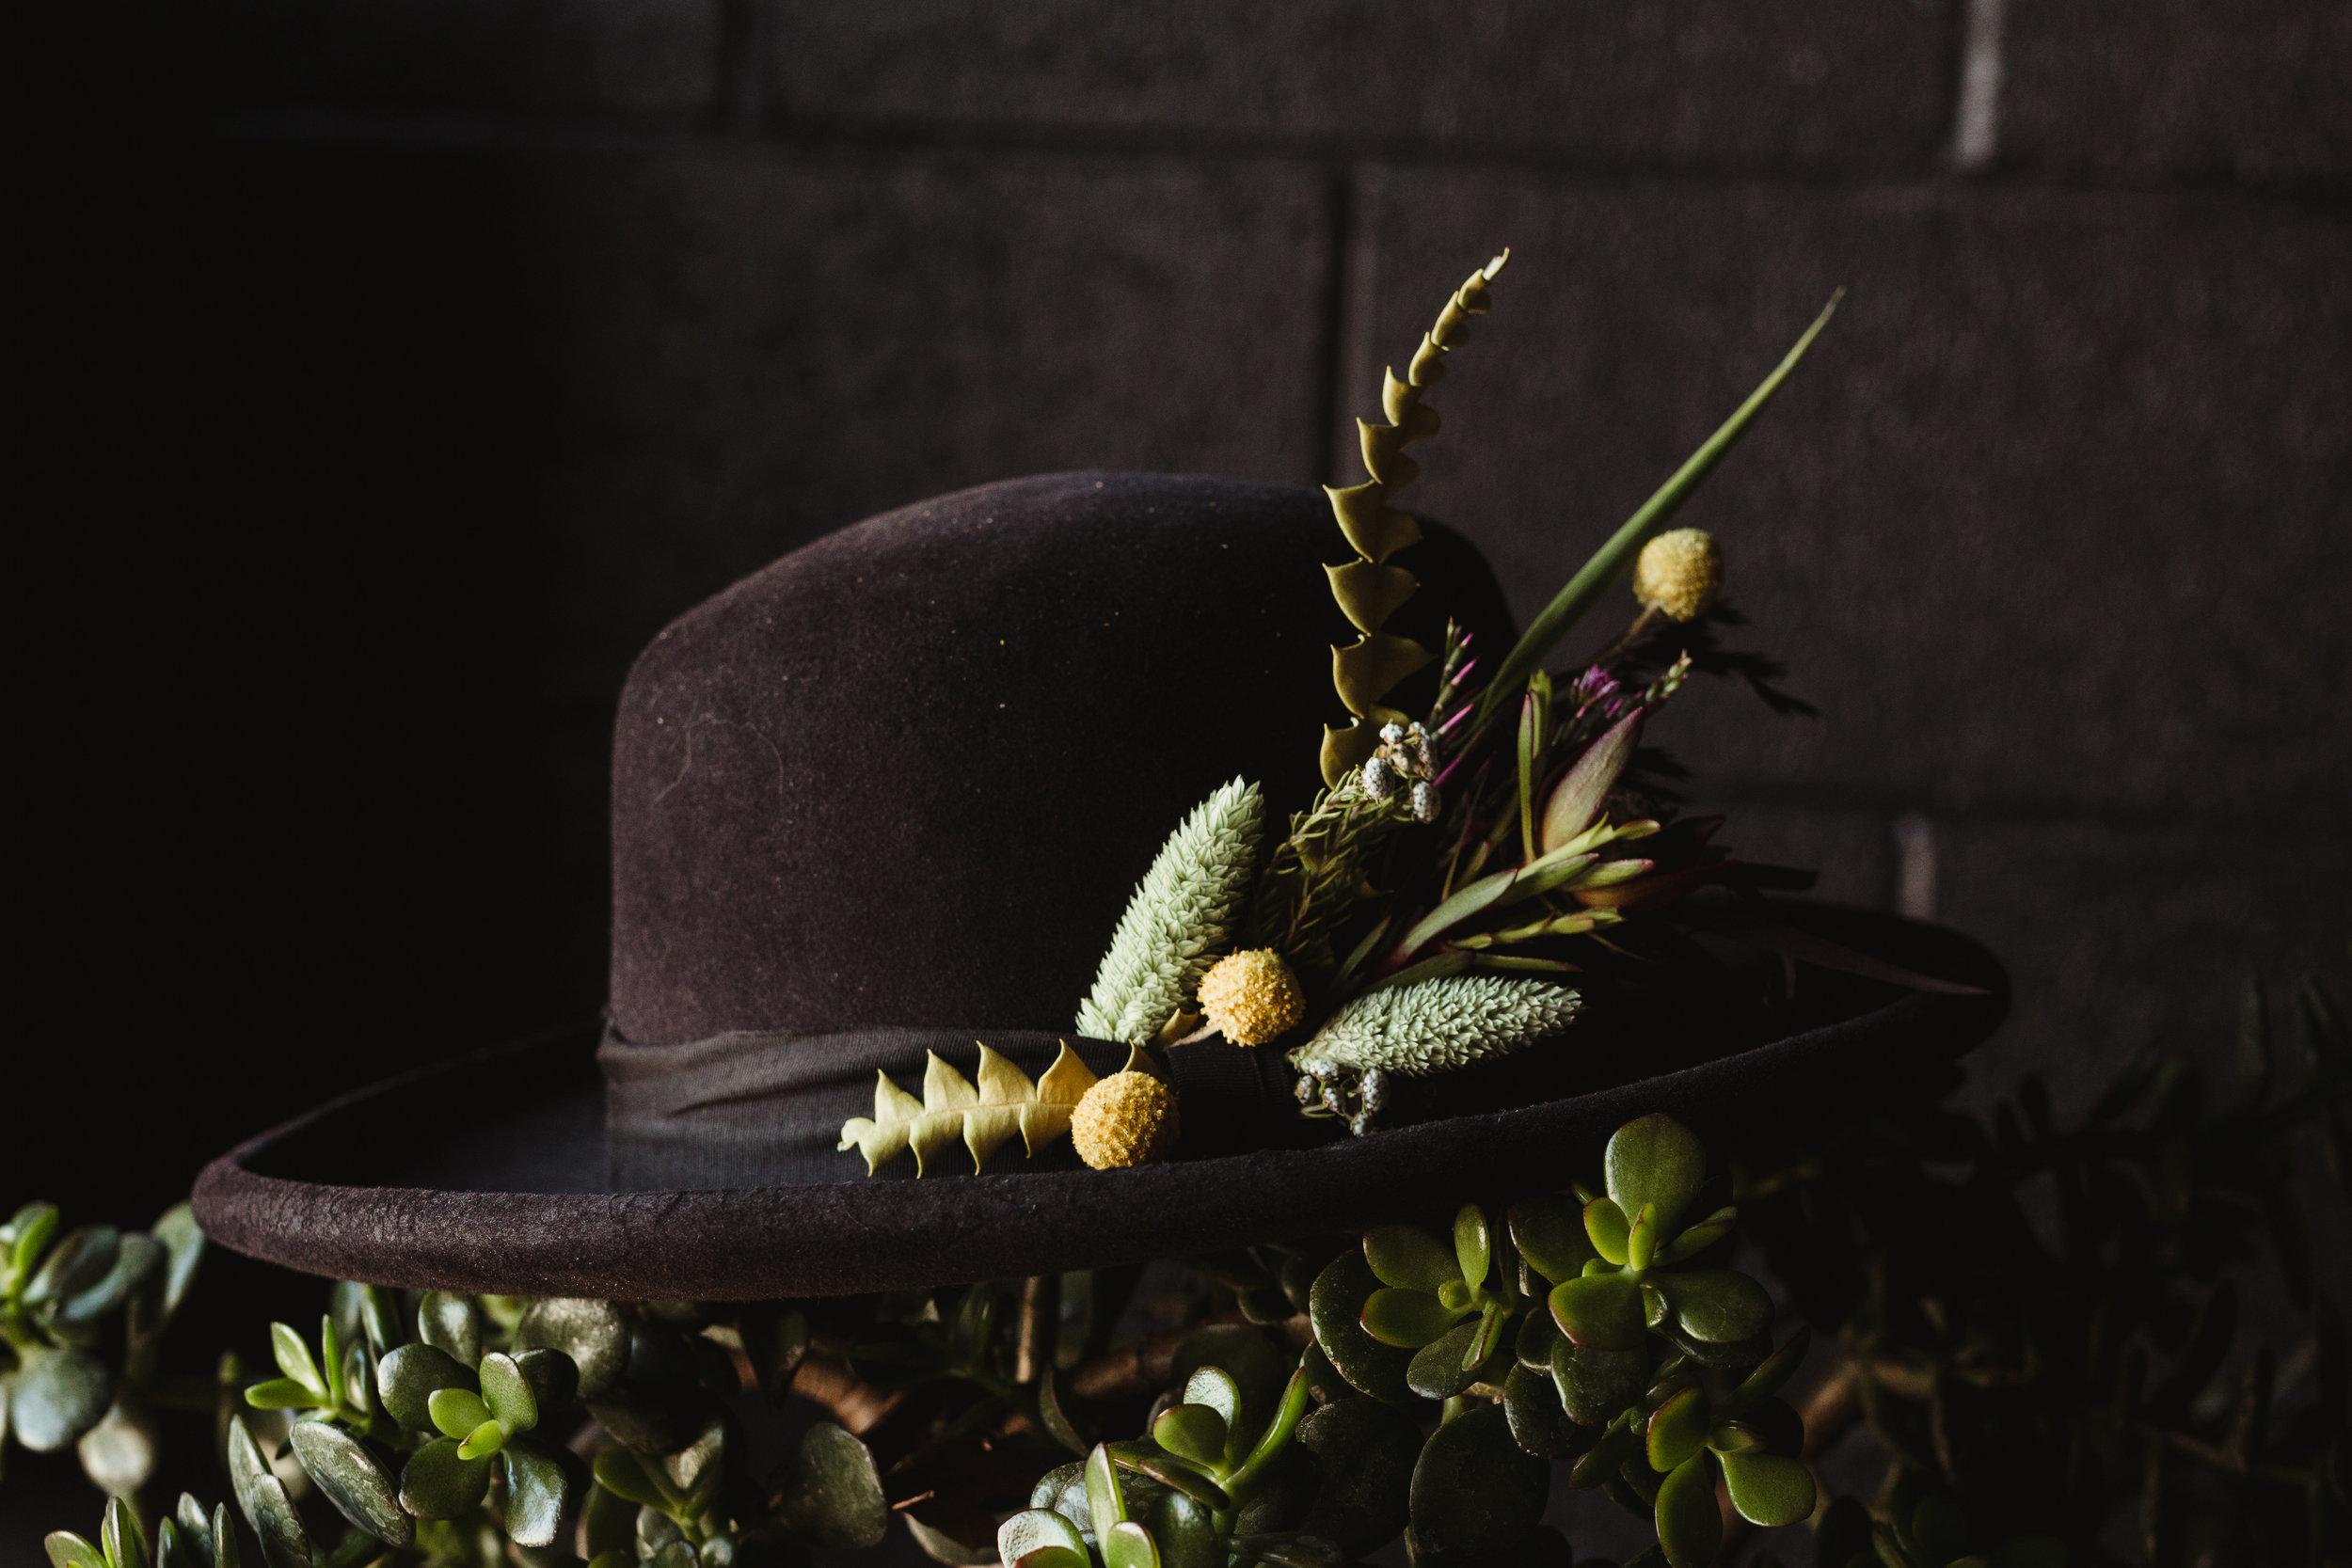 hatbands-15.jpg